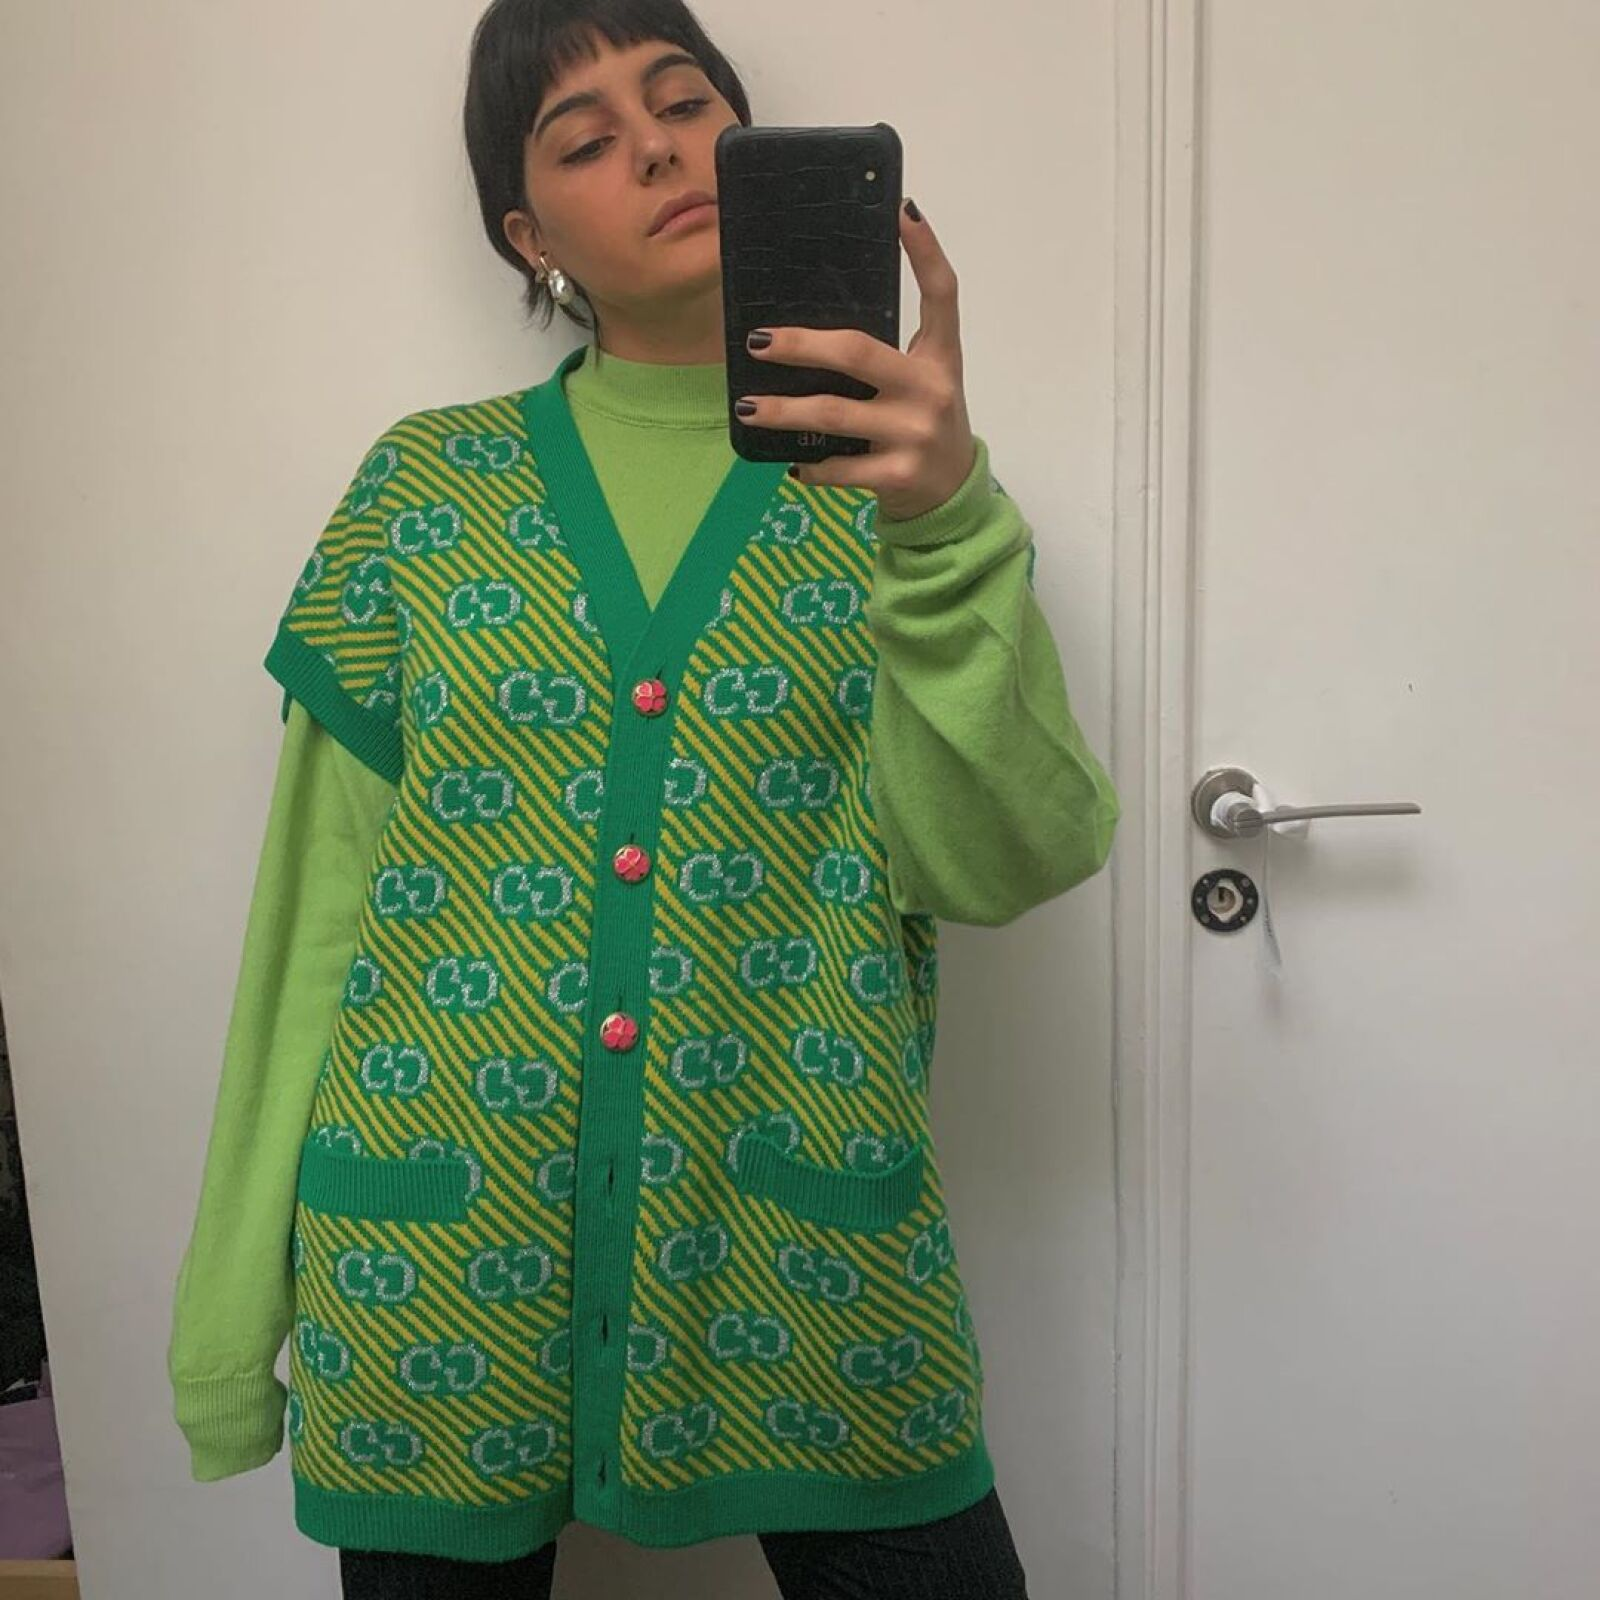 Amamos el suéter Gucci de Maria Bernard